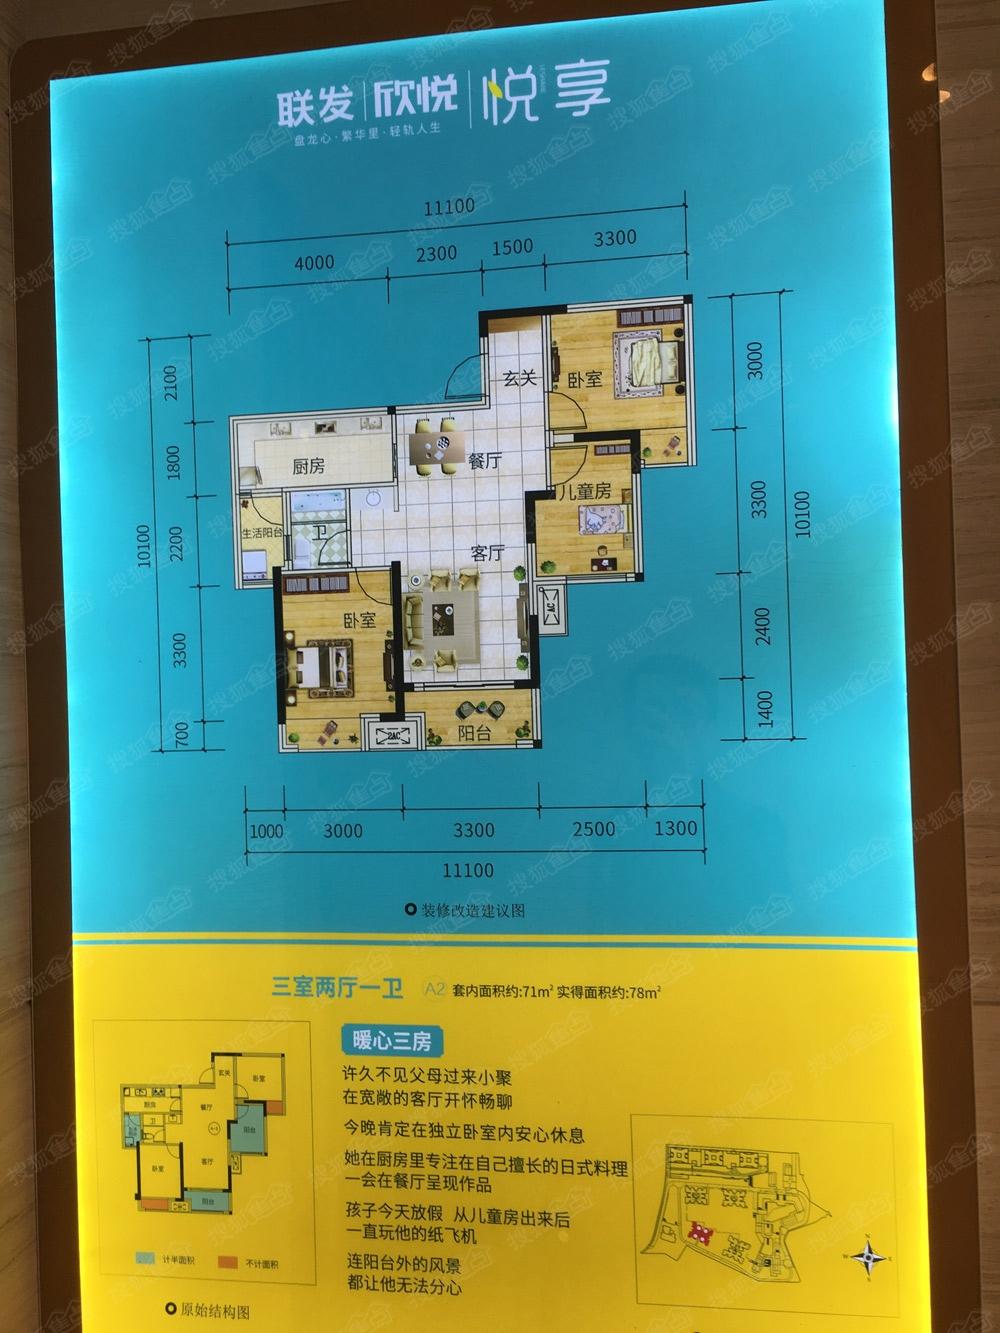 二期a2套内71㎡3房样板间-户型介绍